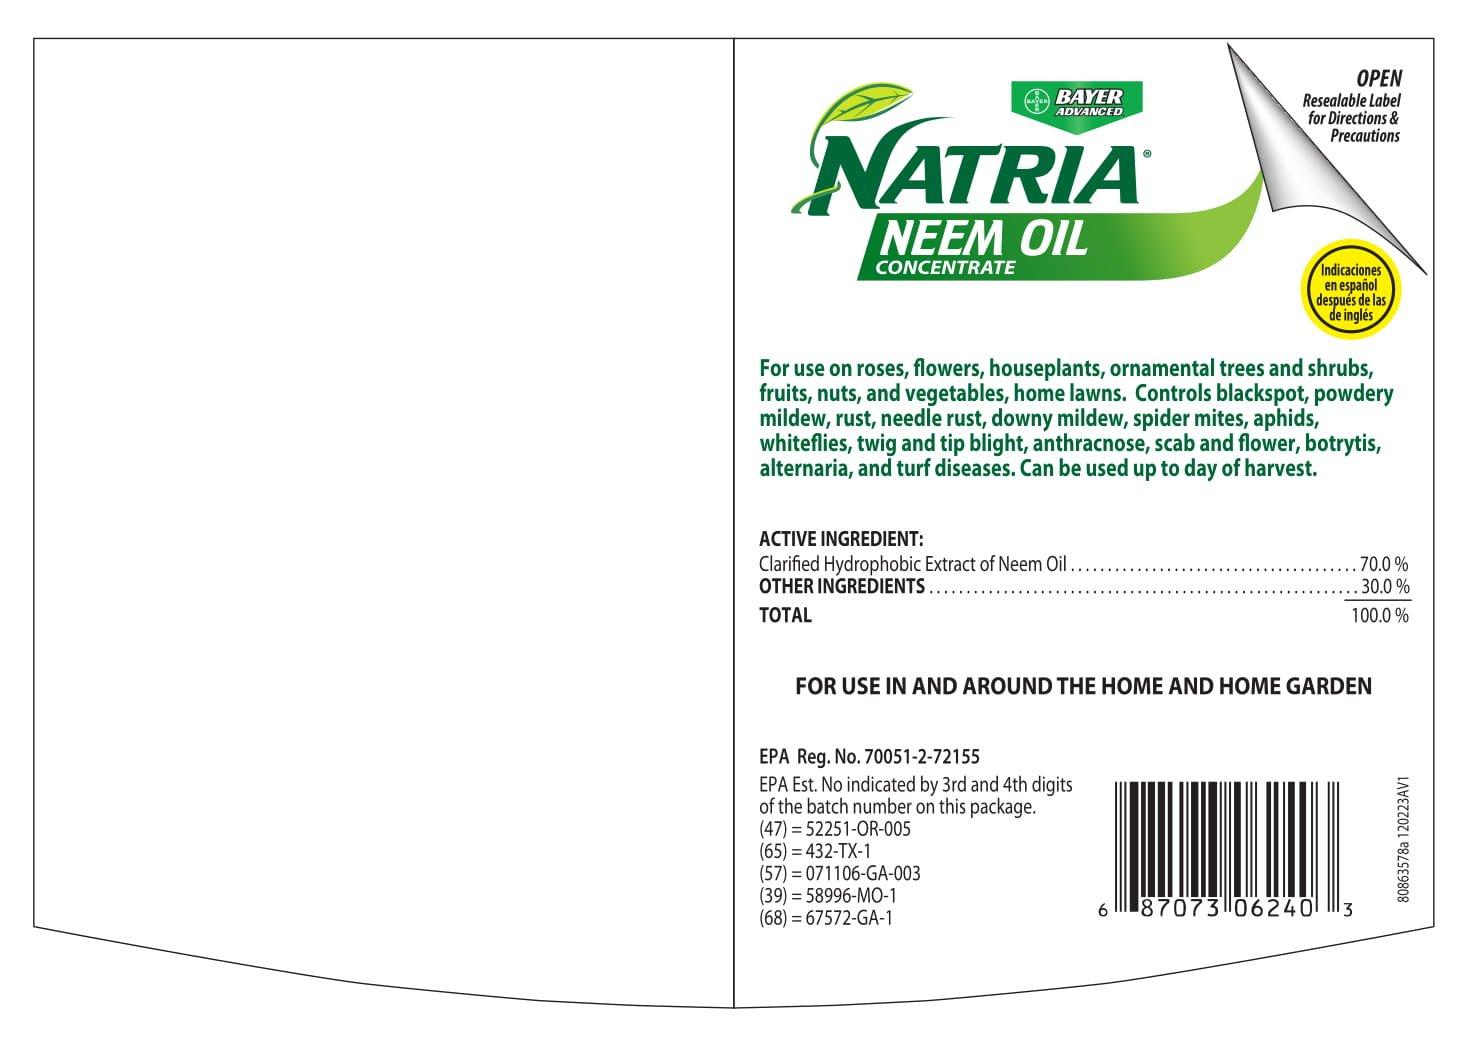 Amazon Tria 706240a Concentrate Neem Oil 24 Oz Blue Bottle